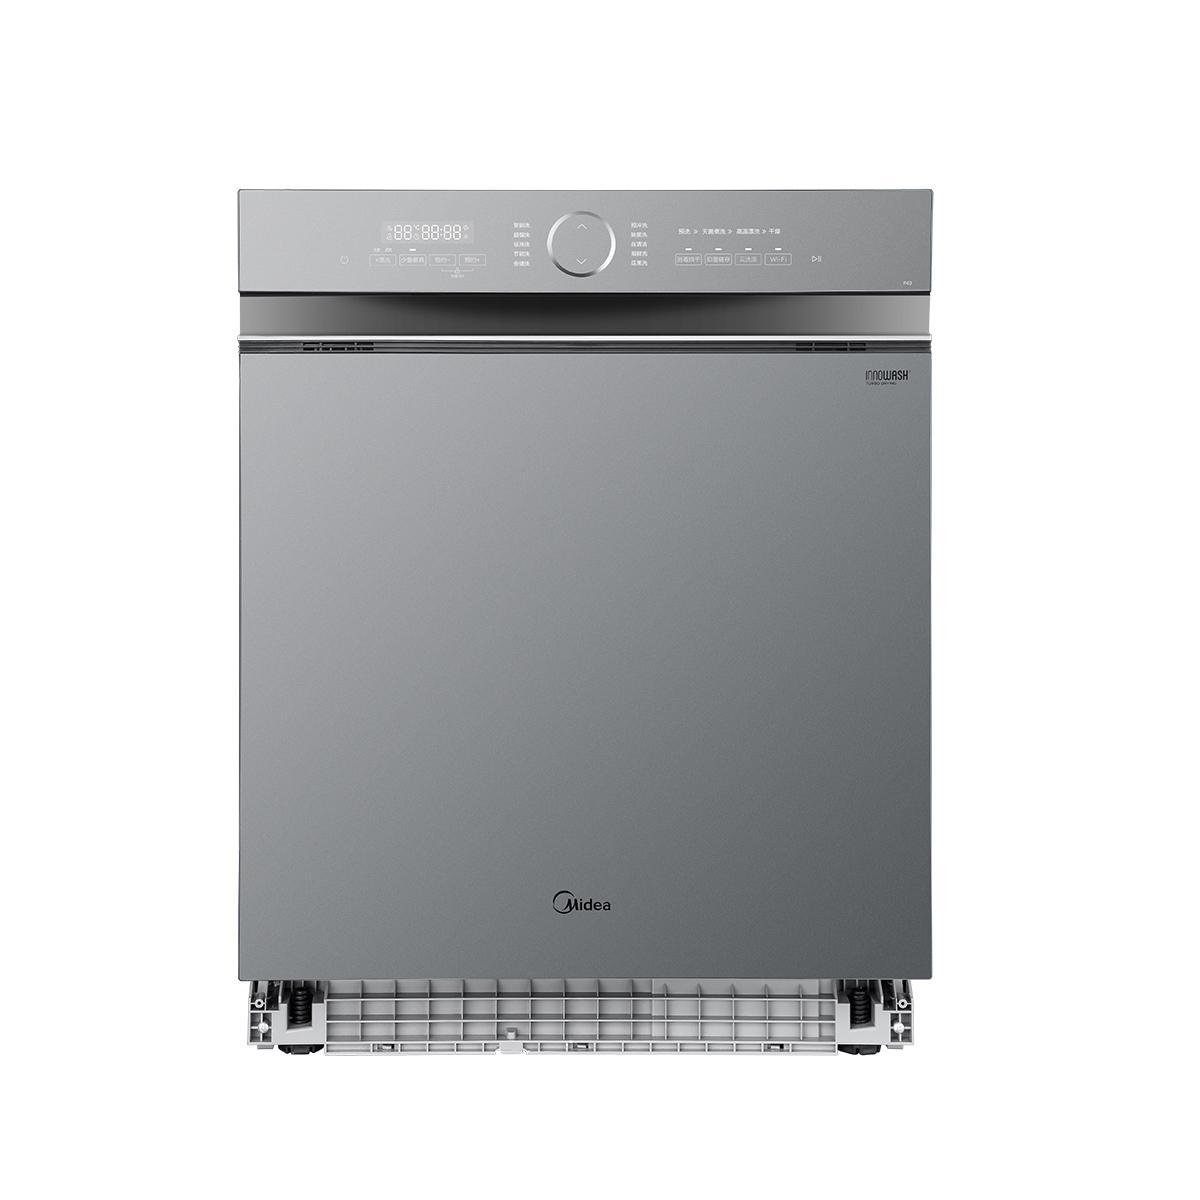 Midea/美的 P40洗碗机 说明书.pdf